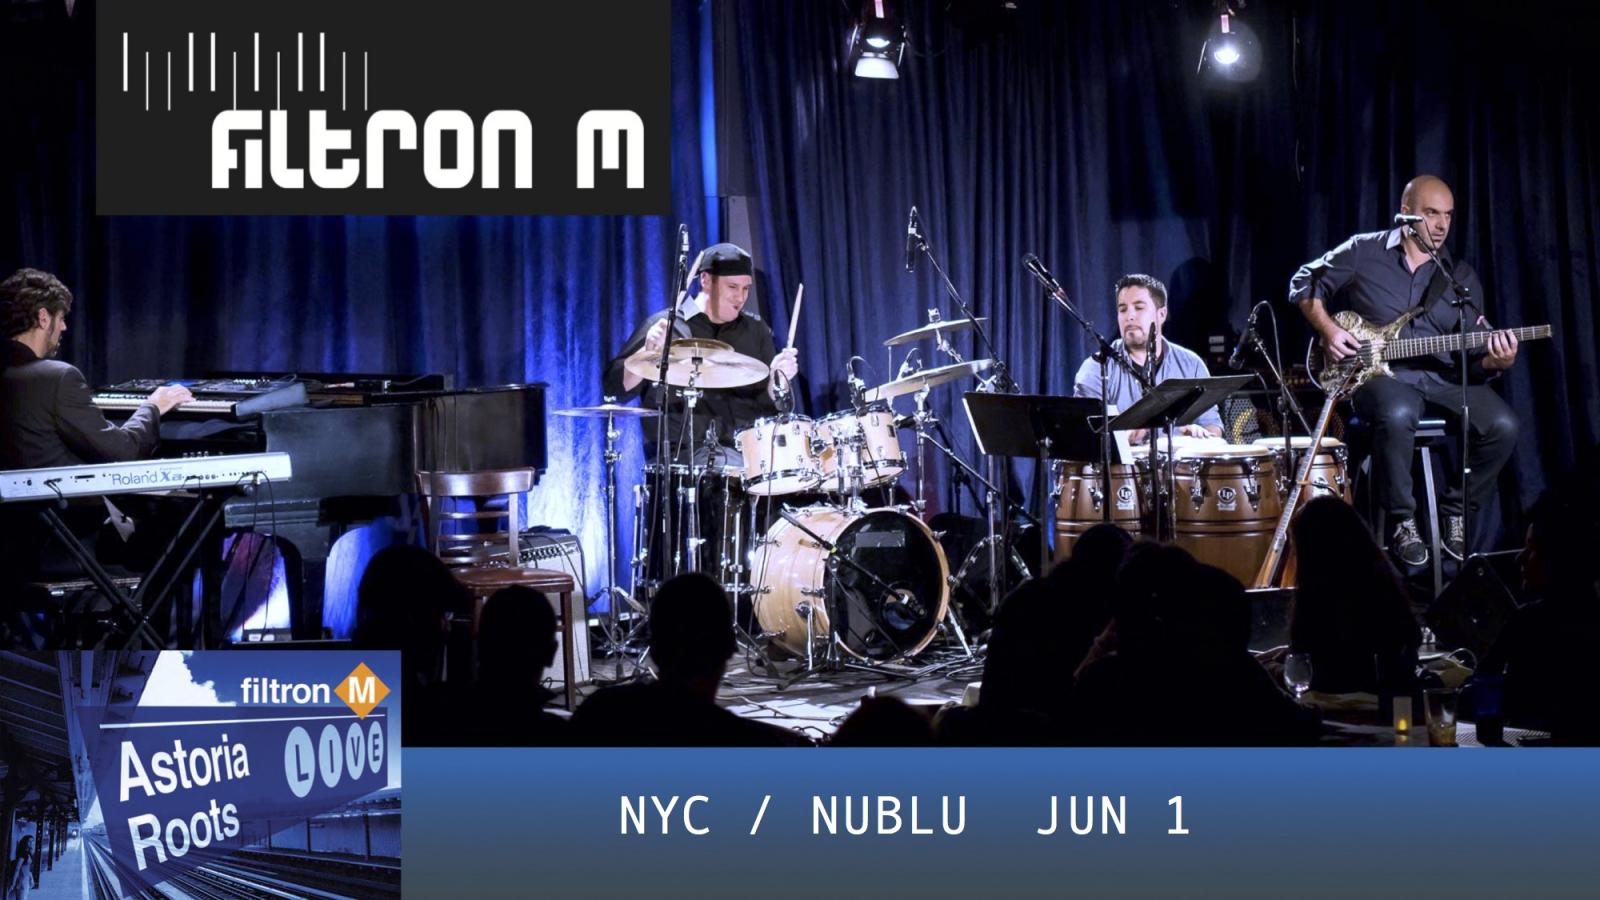 Filtron M - Astoria Roots Live album release party